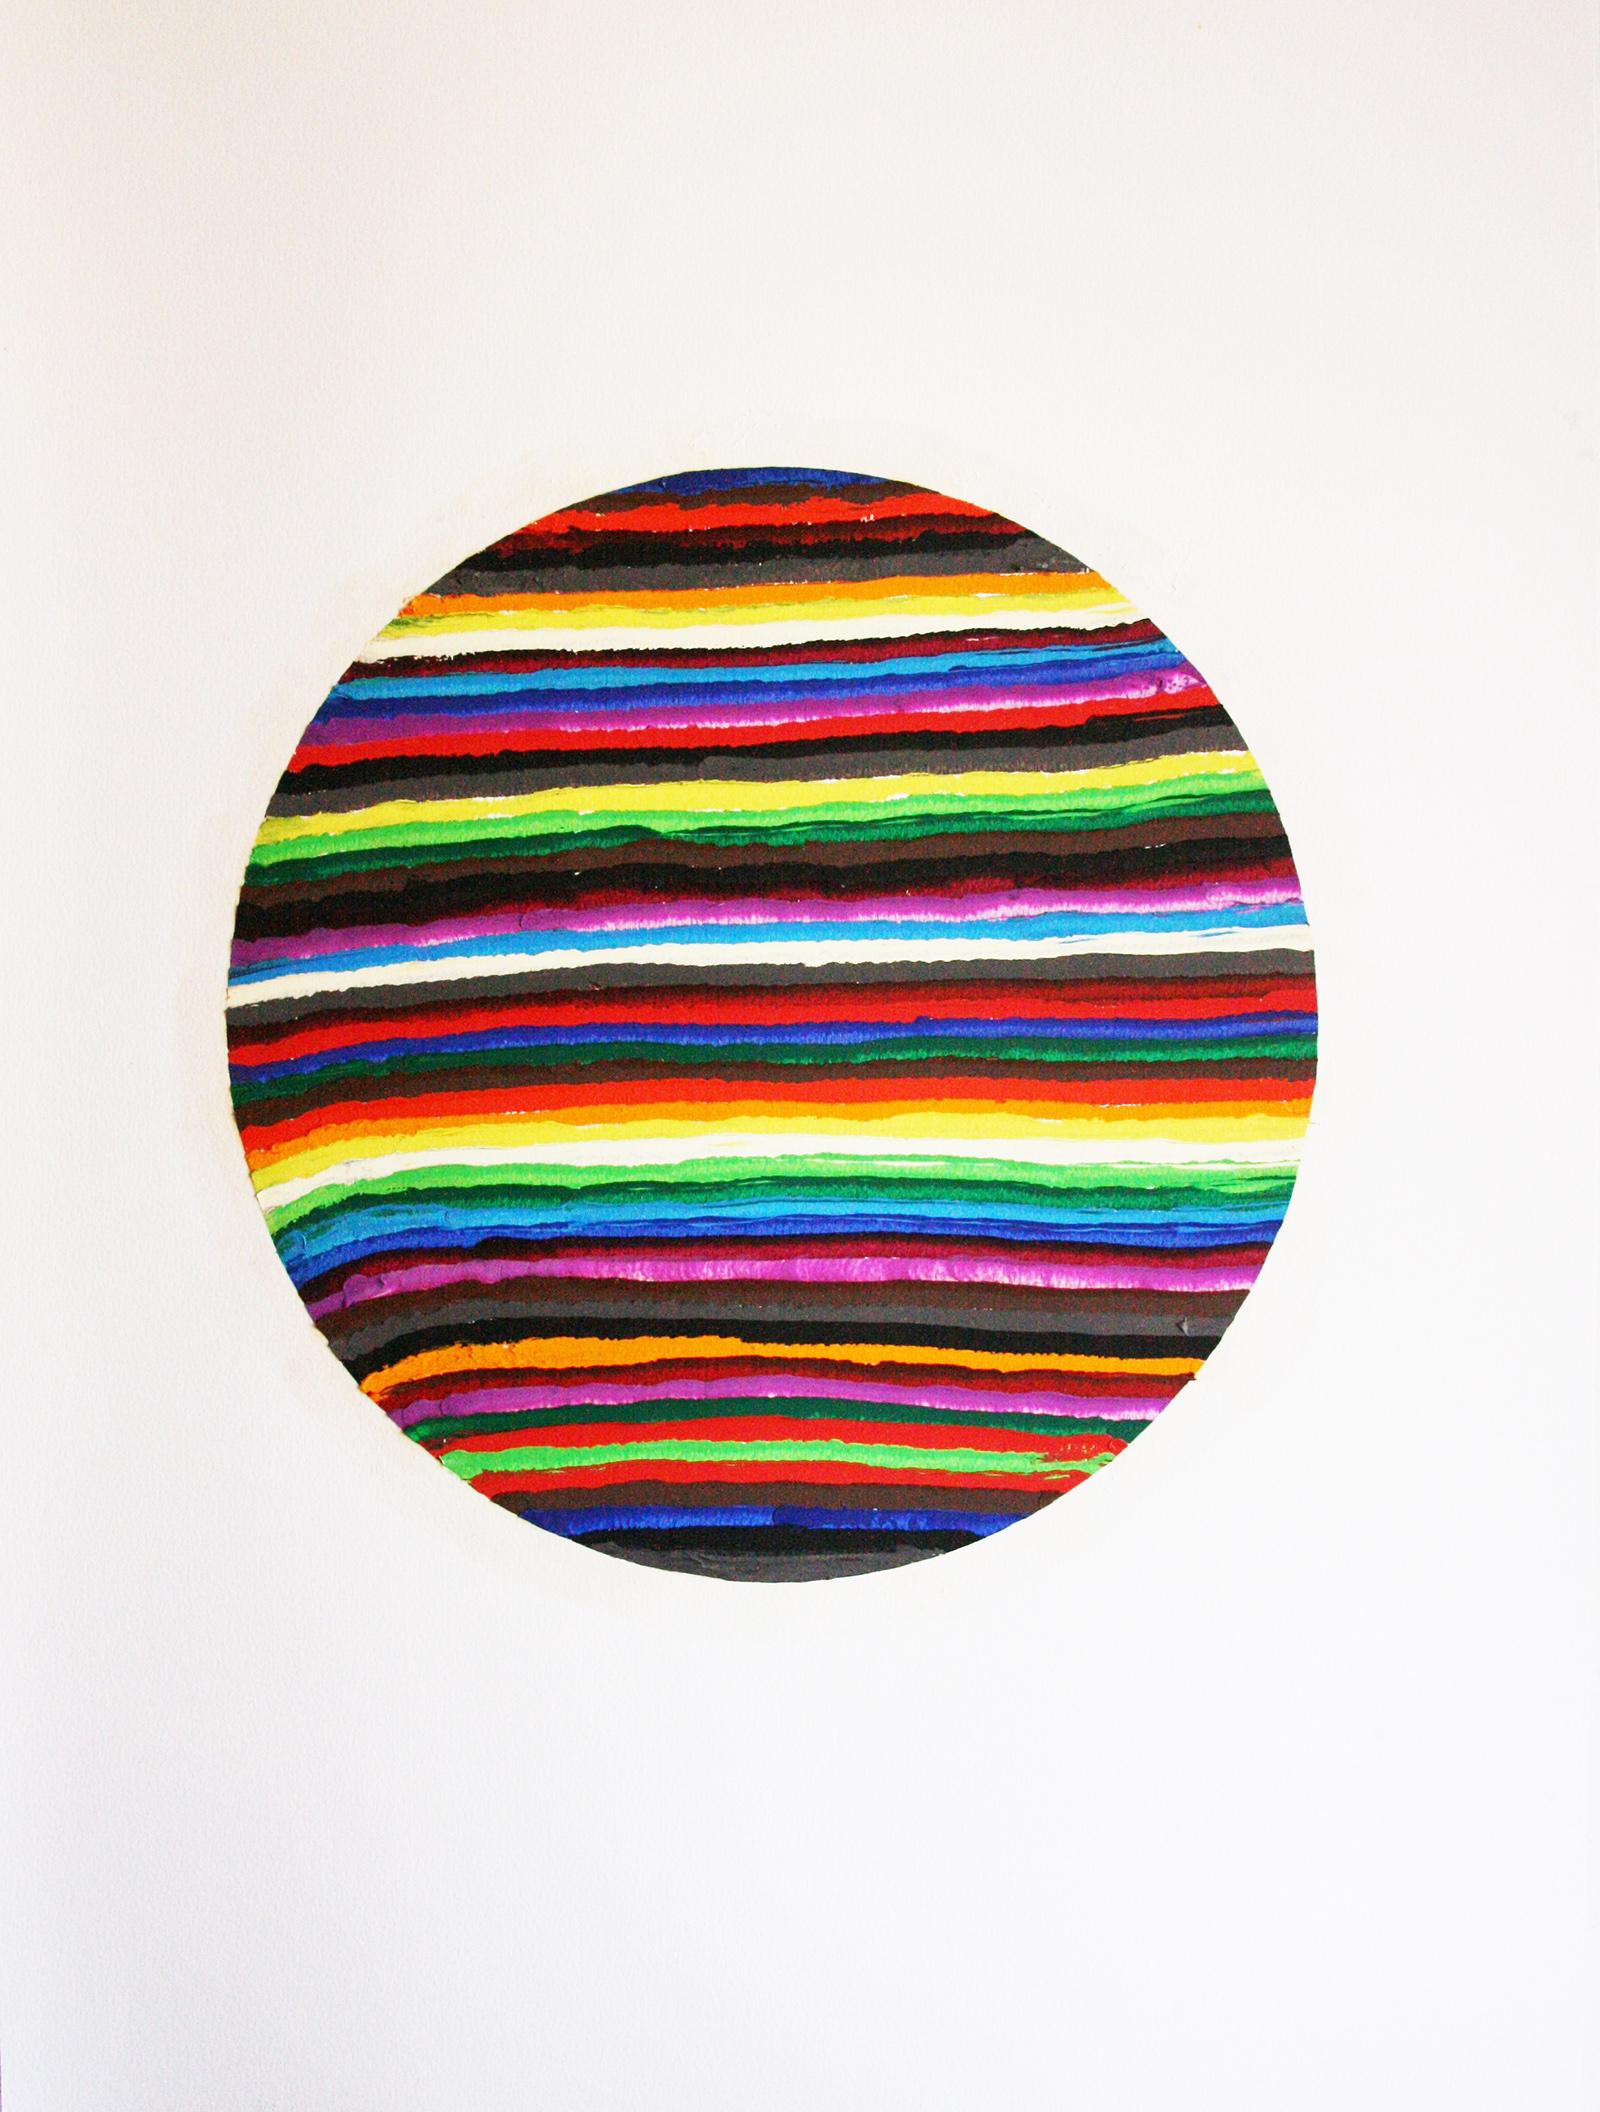 Geom 3 (oil on paper, 65x50cm) 2011- Miquel Gelabert